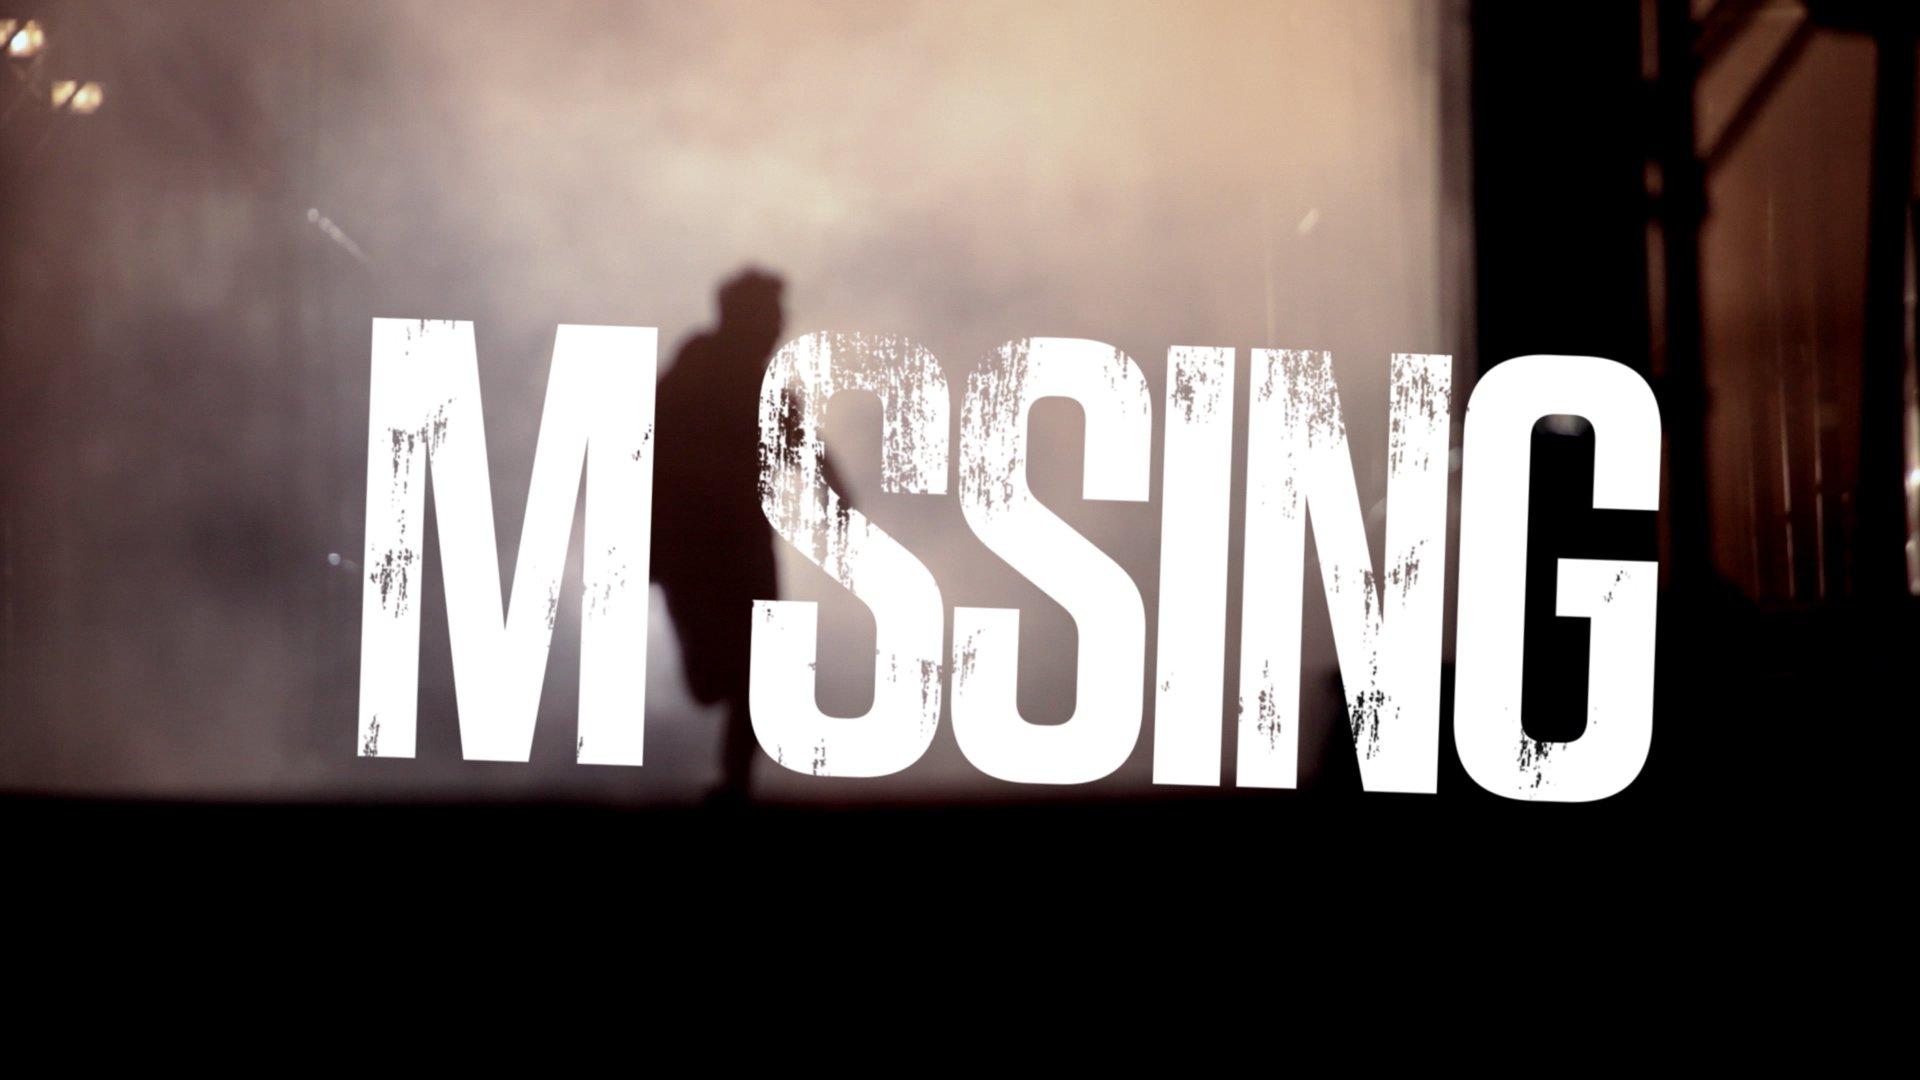 [影集] Missing (2012) Missing-tv-show-promo-image-abc-01